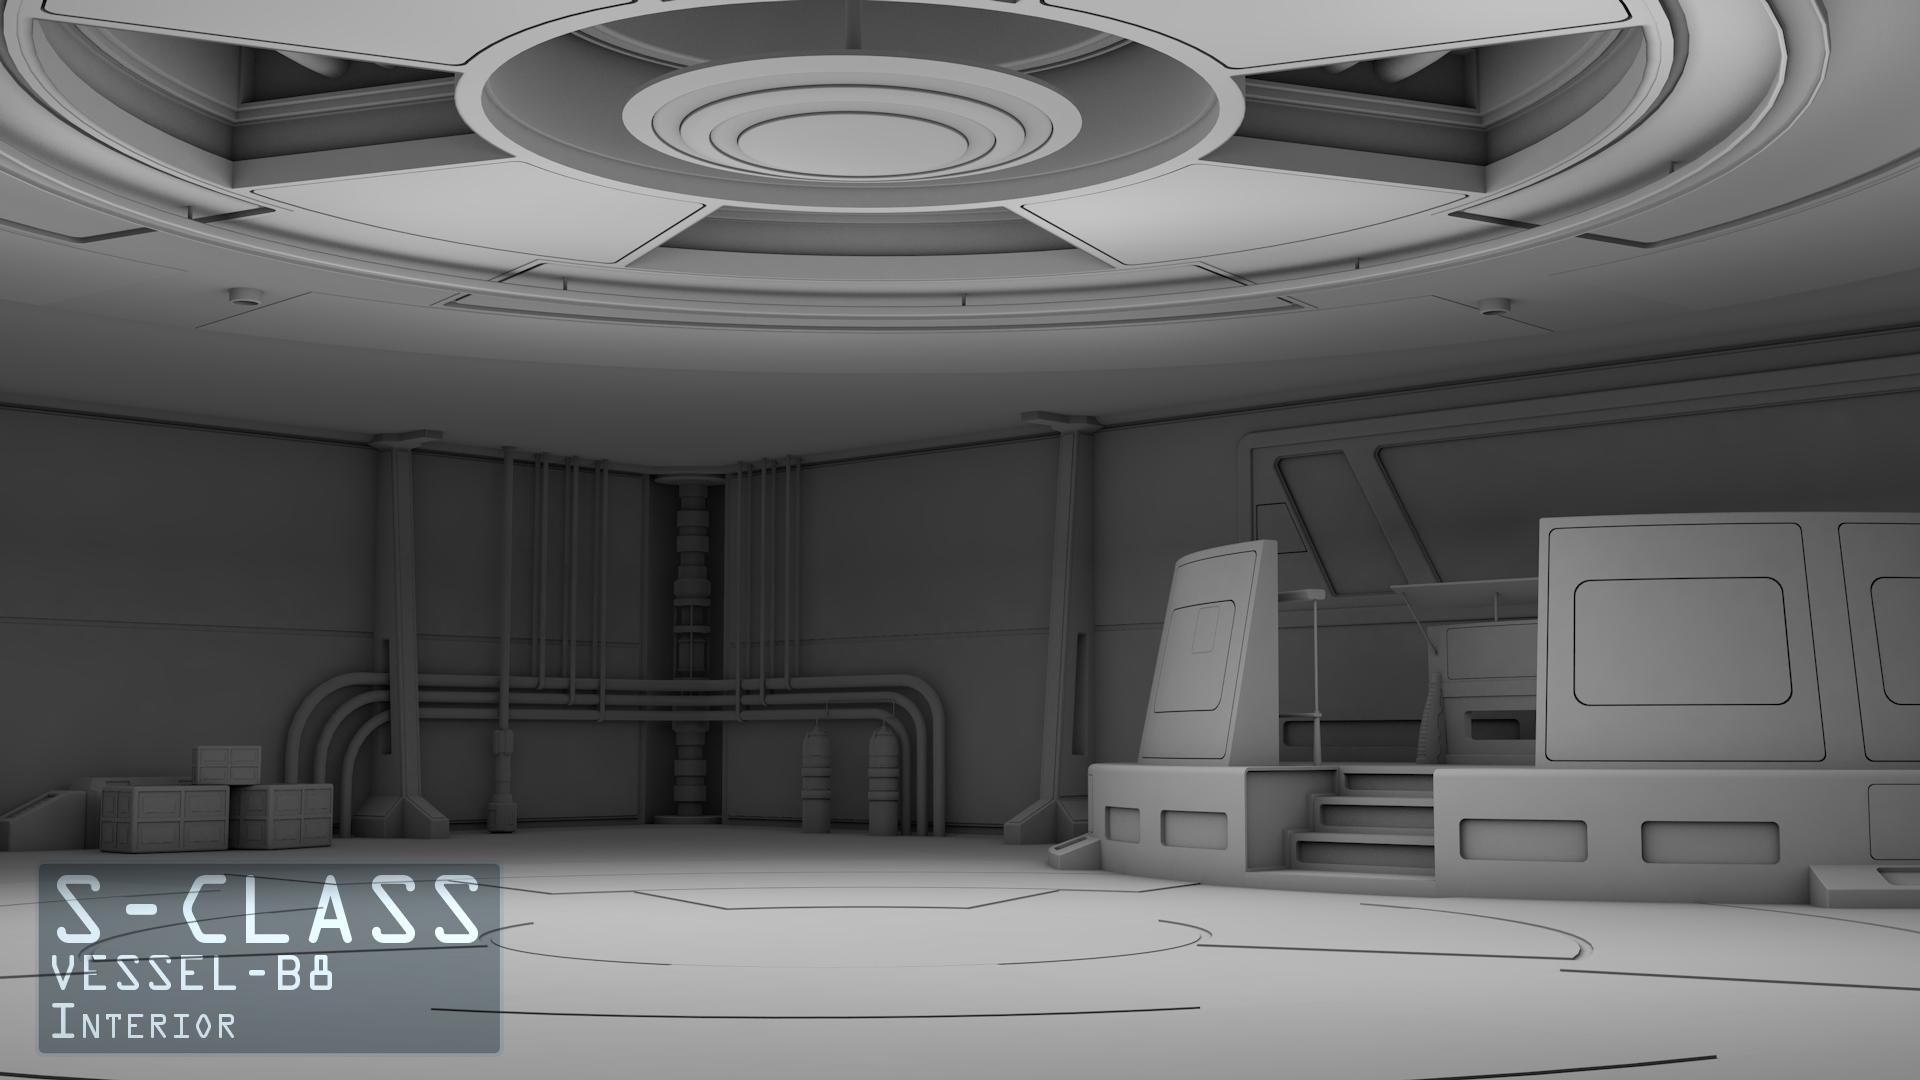 ship_interior_01